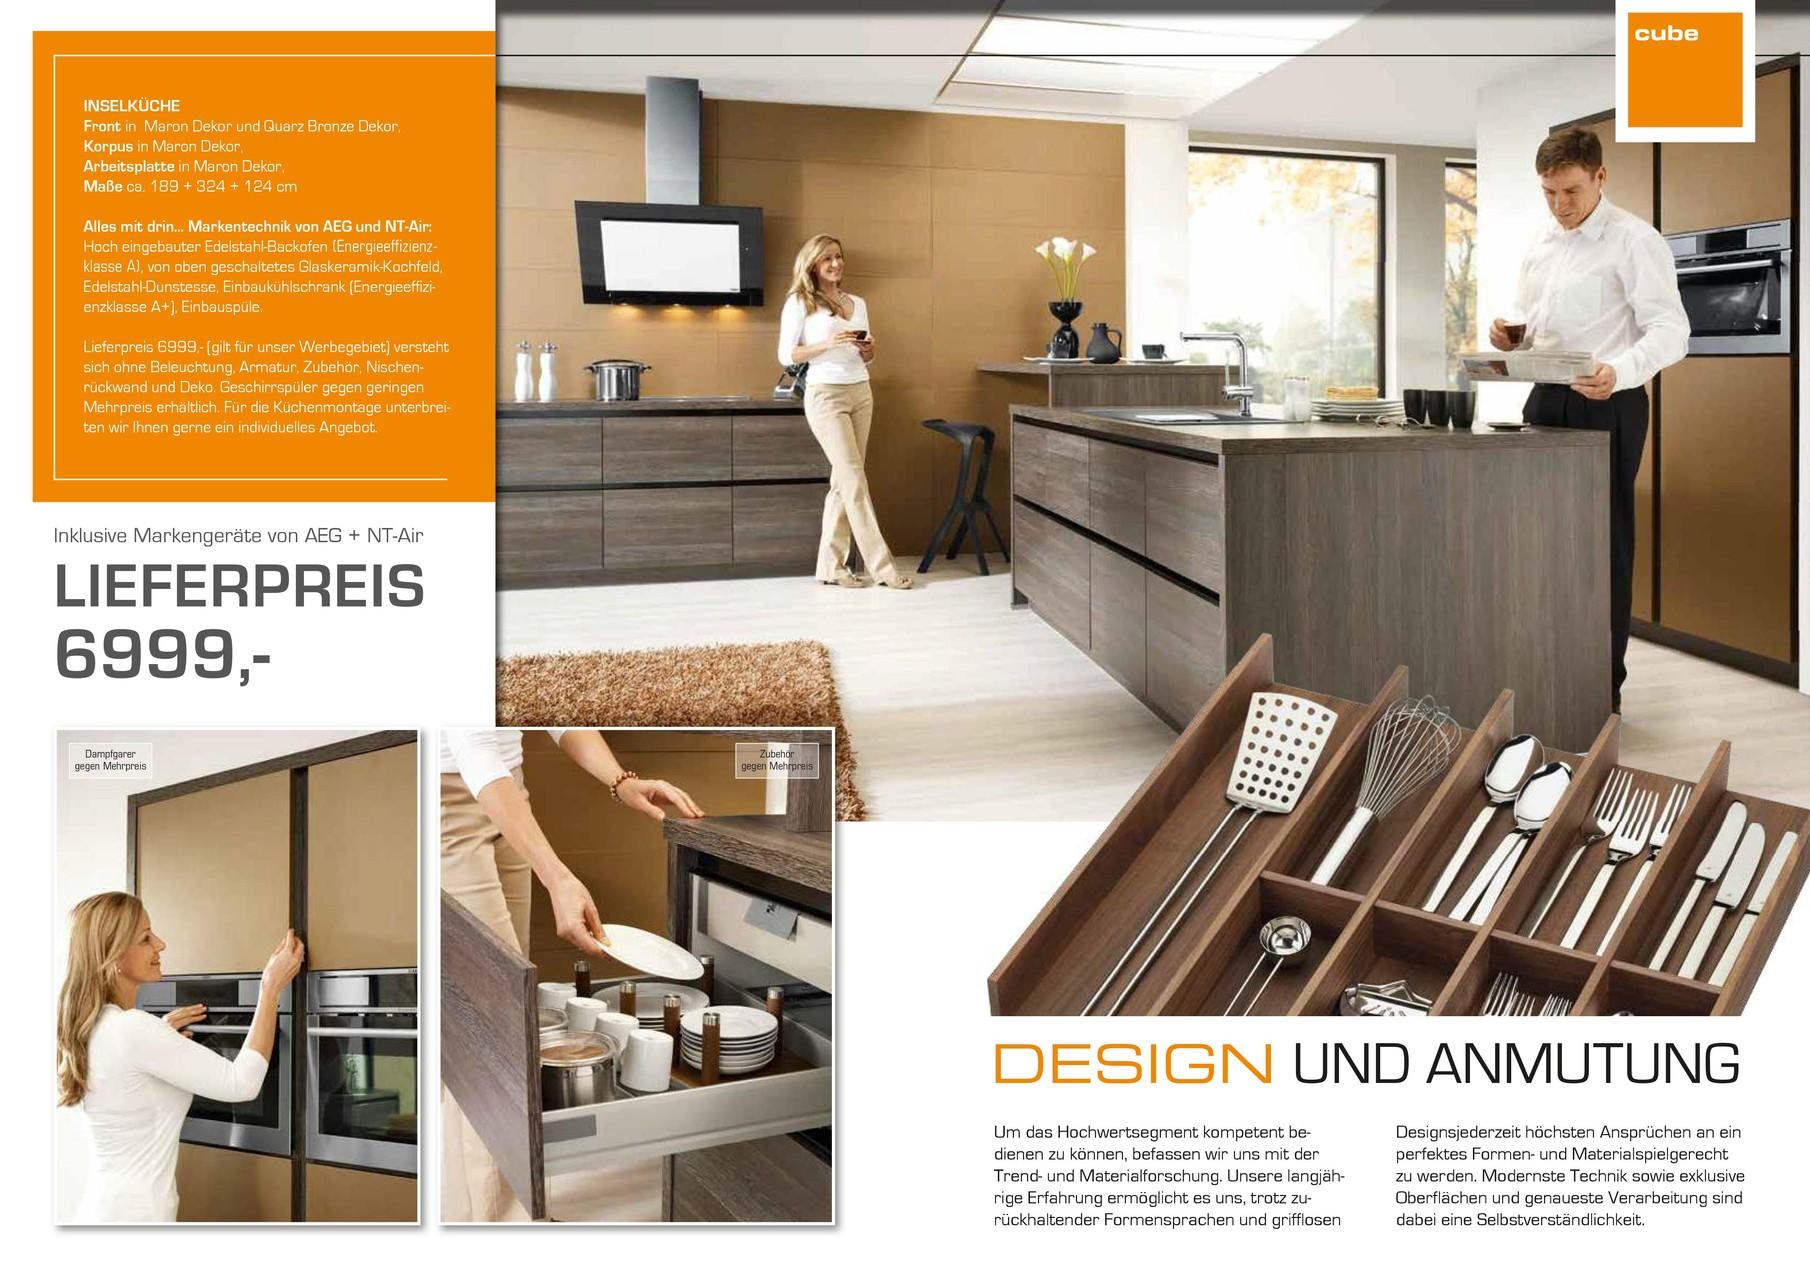 Küchen Impressionen und Ideen ! - GRODI - Ihr Hausgeräte- und ...